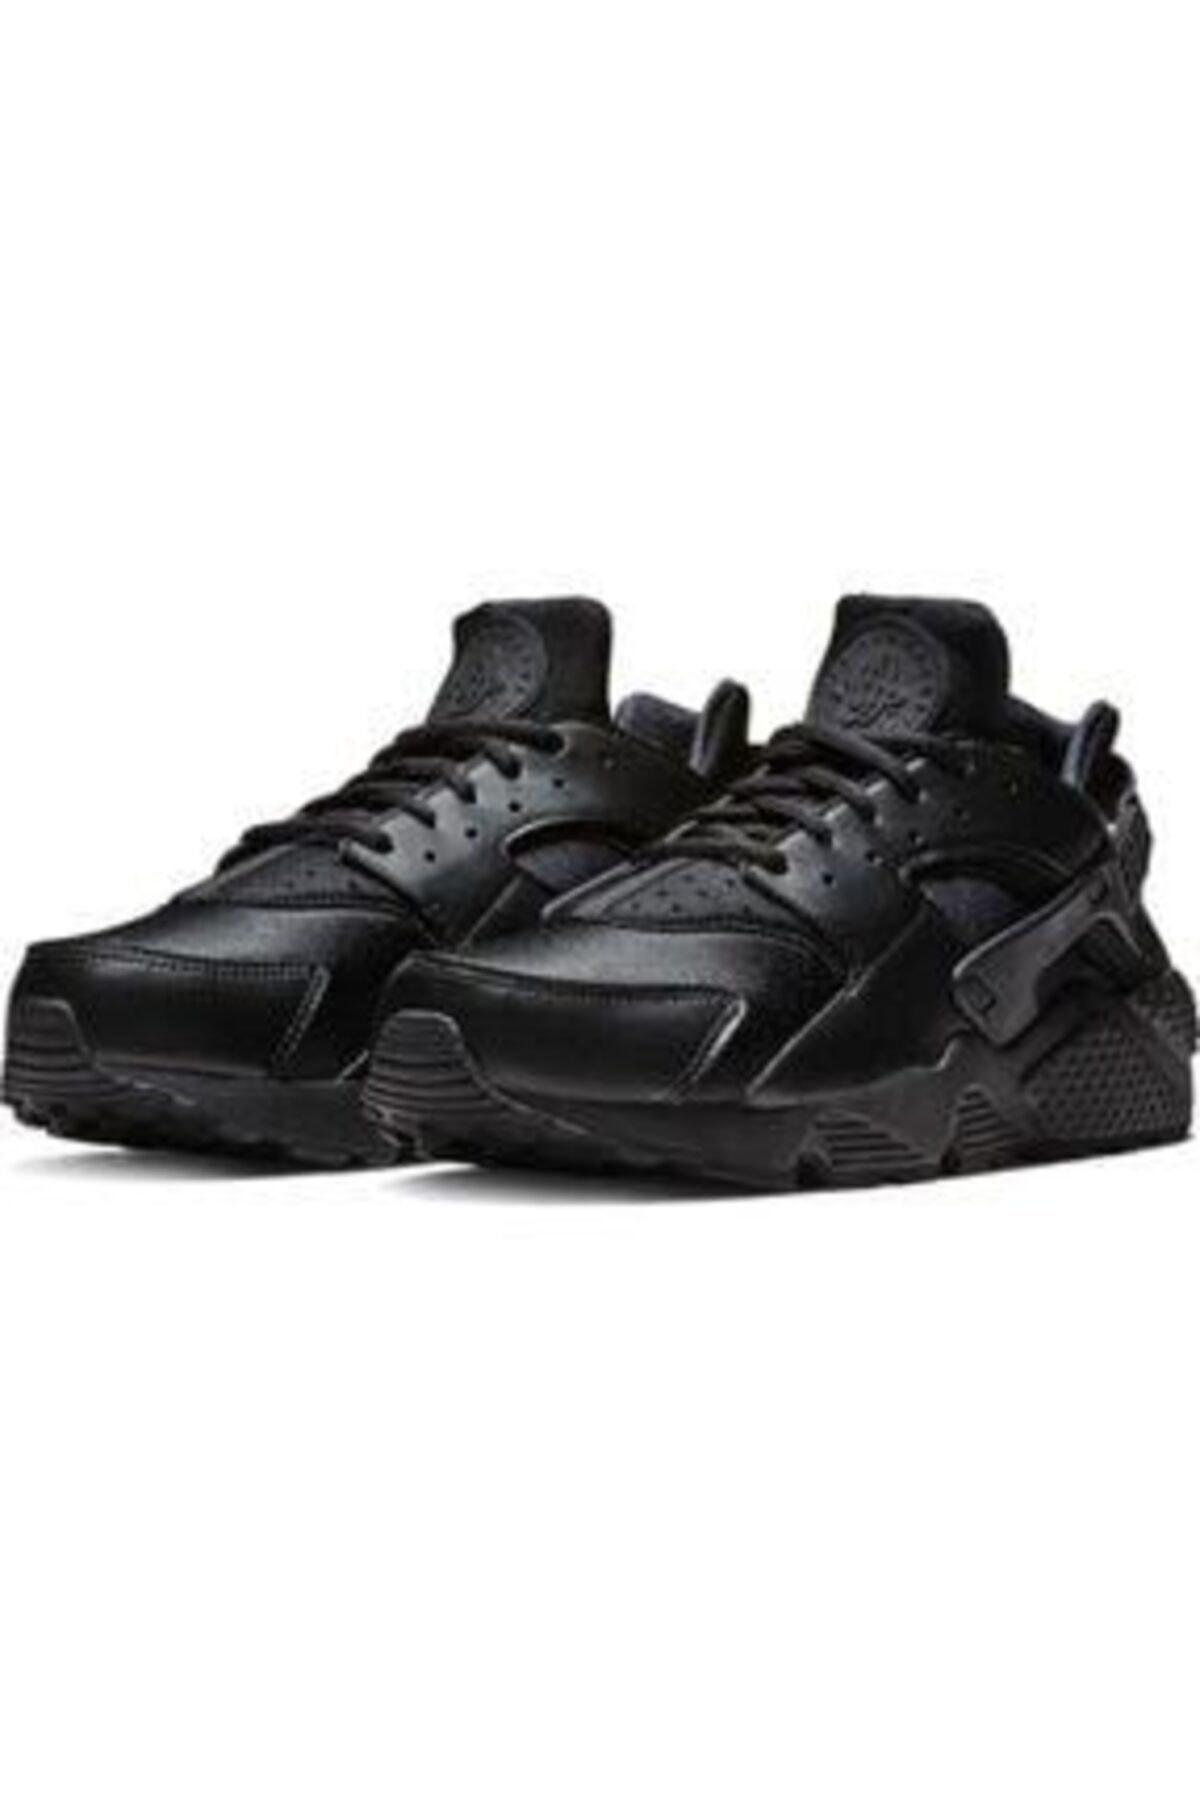 Nike Air Huarache Run 634835-012 Spor 2